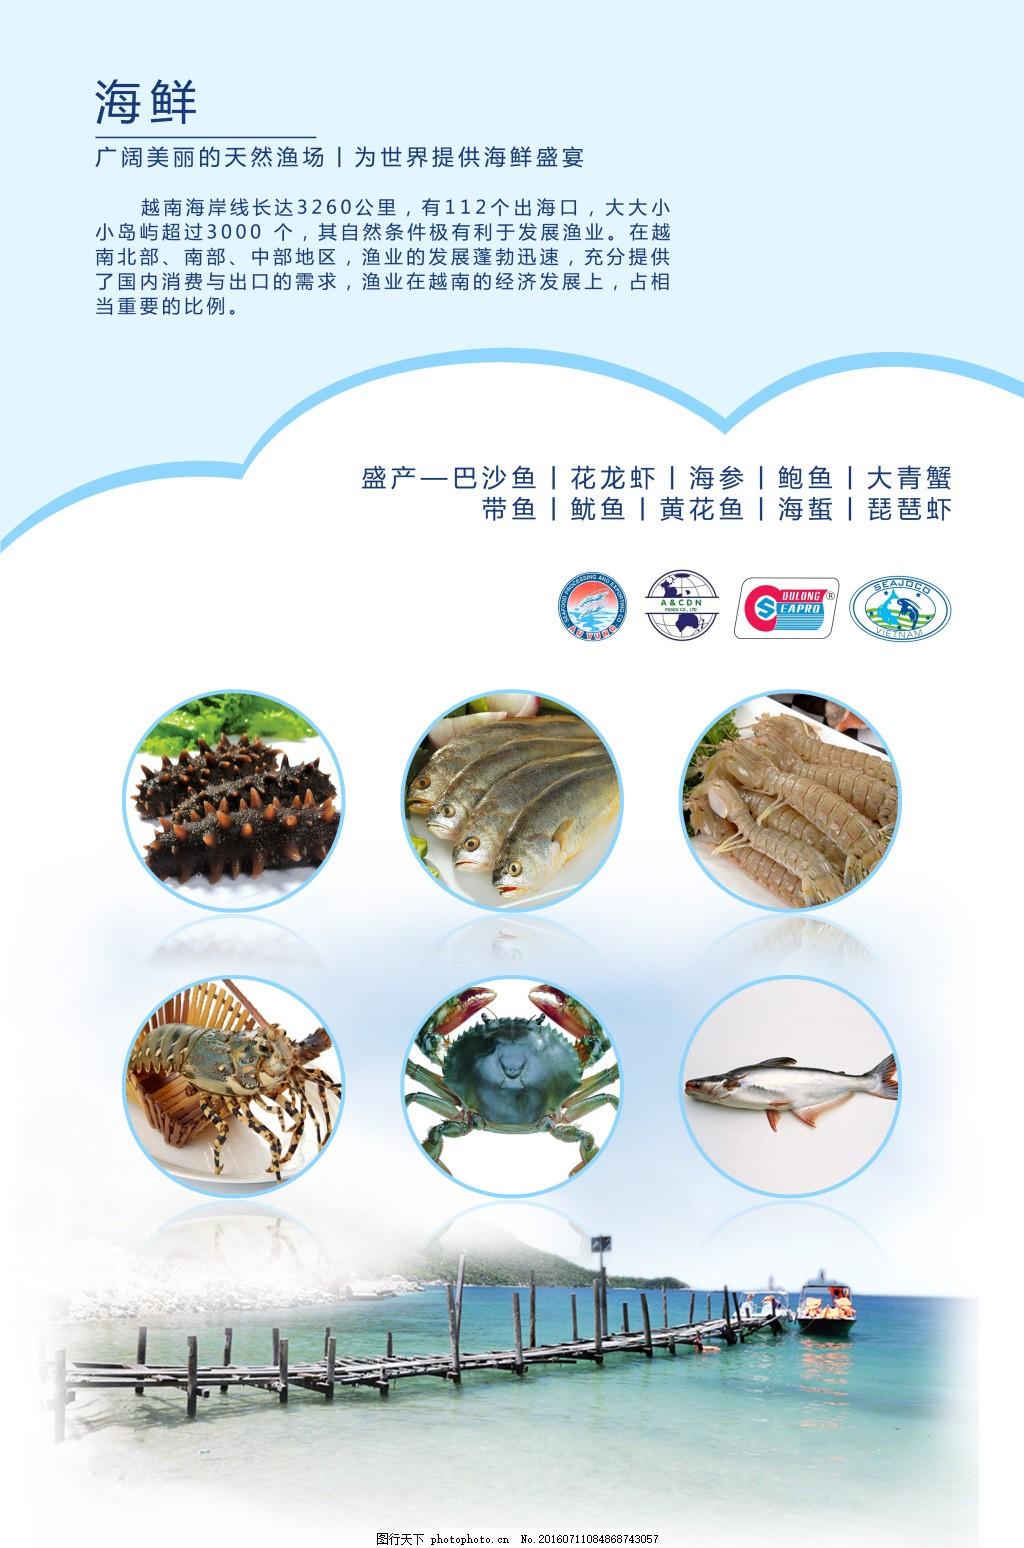 海鲜排版广告写真 海产品 东盟海产 越南海产 海鲜产品 海产品分类图片